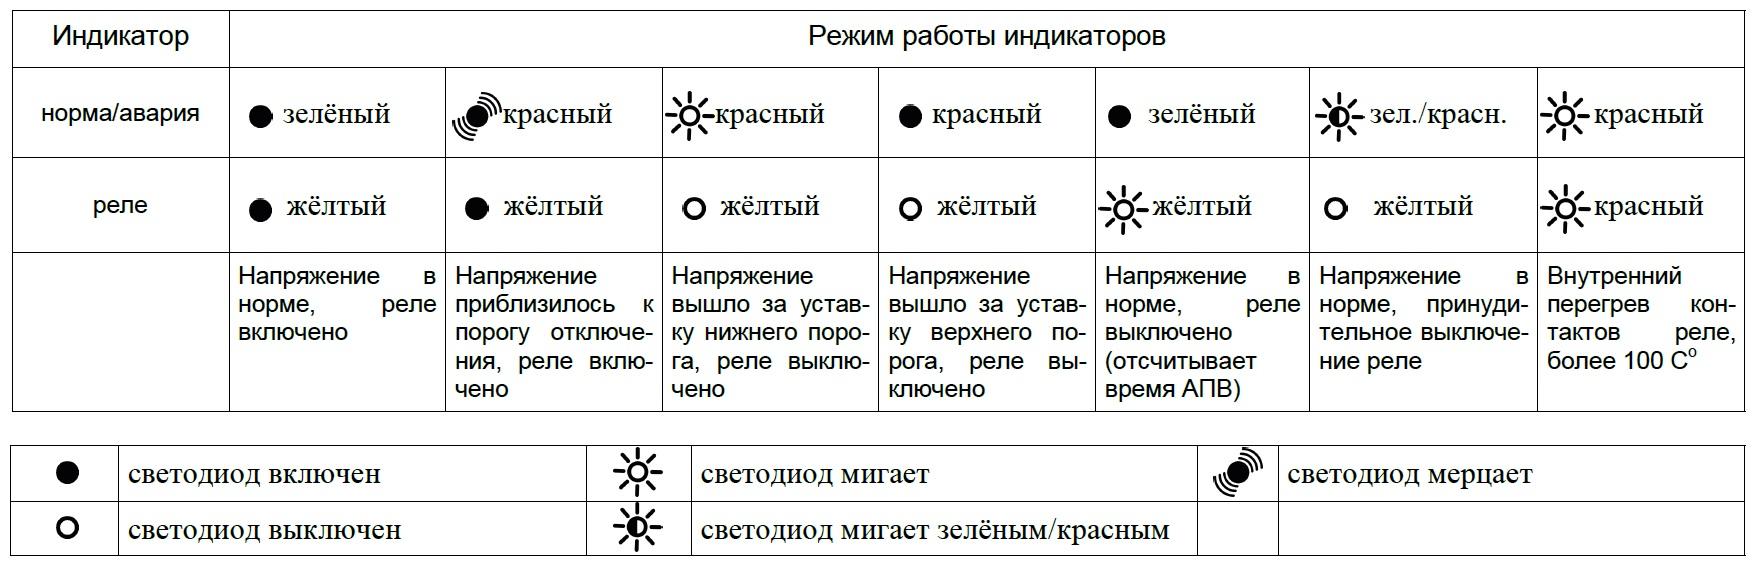 Индикация работы УЗМ-51МТ